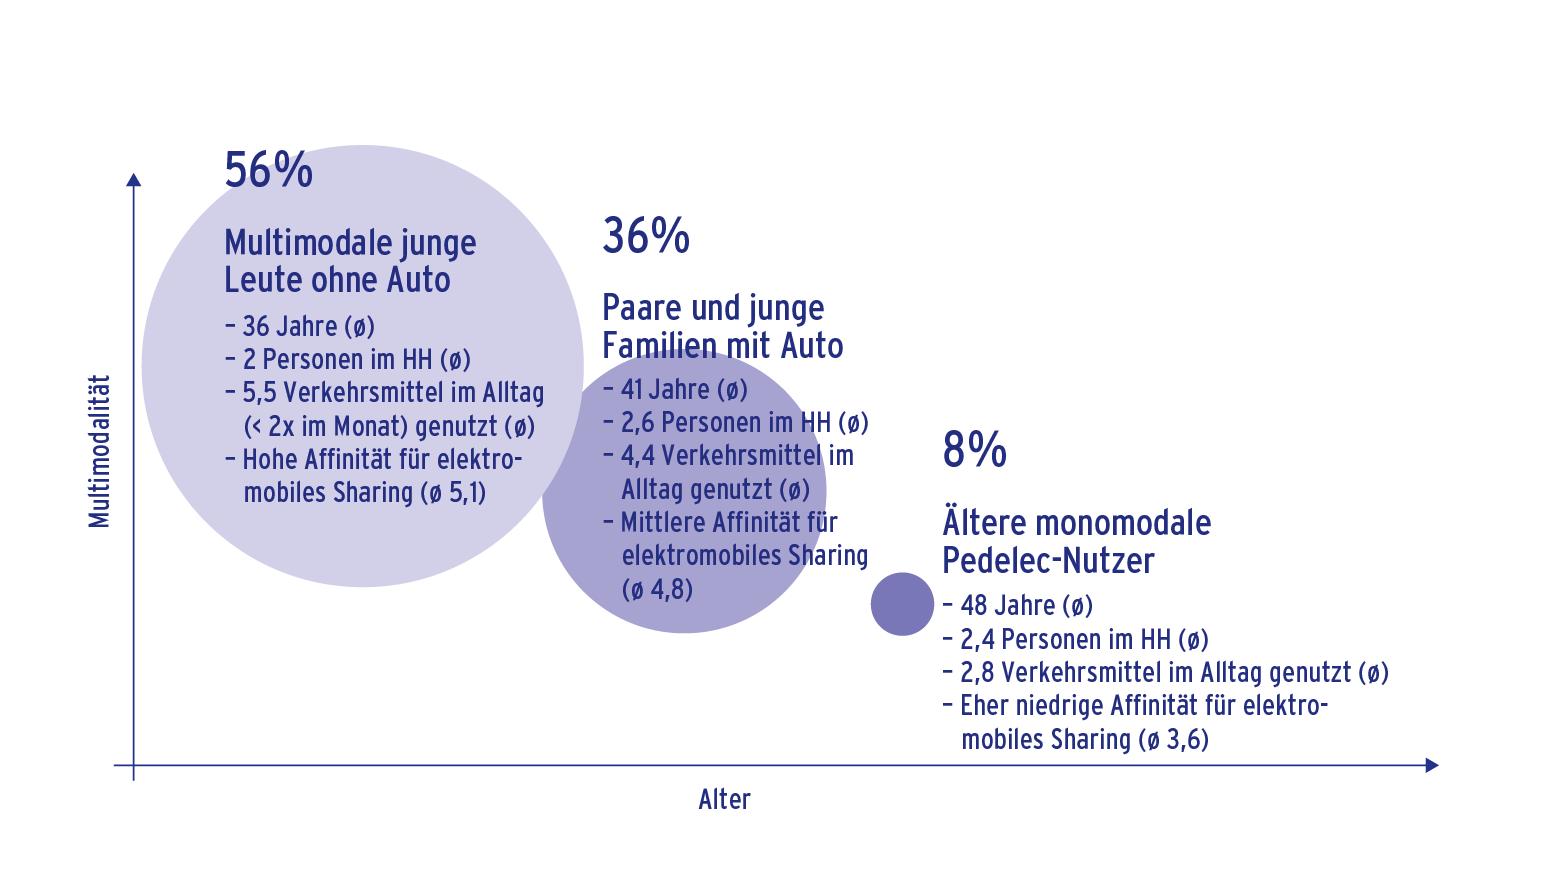 Umfrageergebnis Multimodalität nach Alter